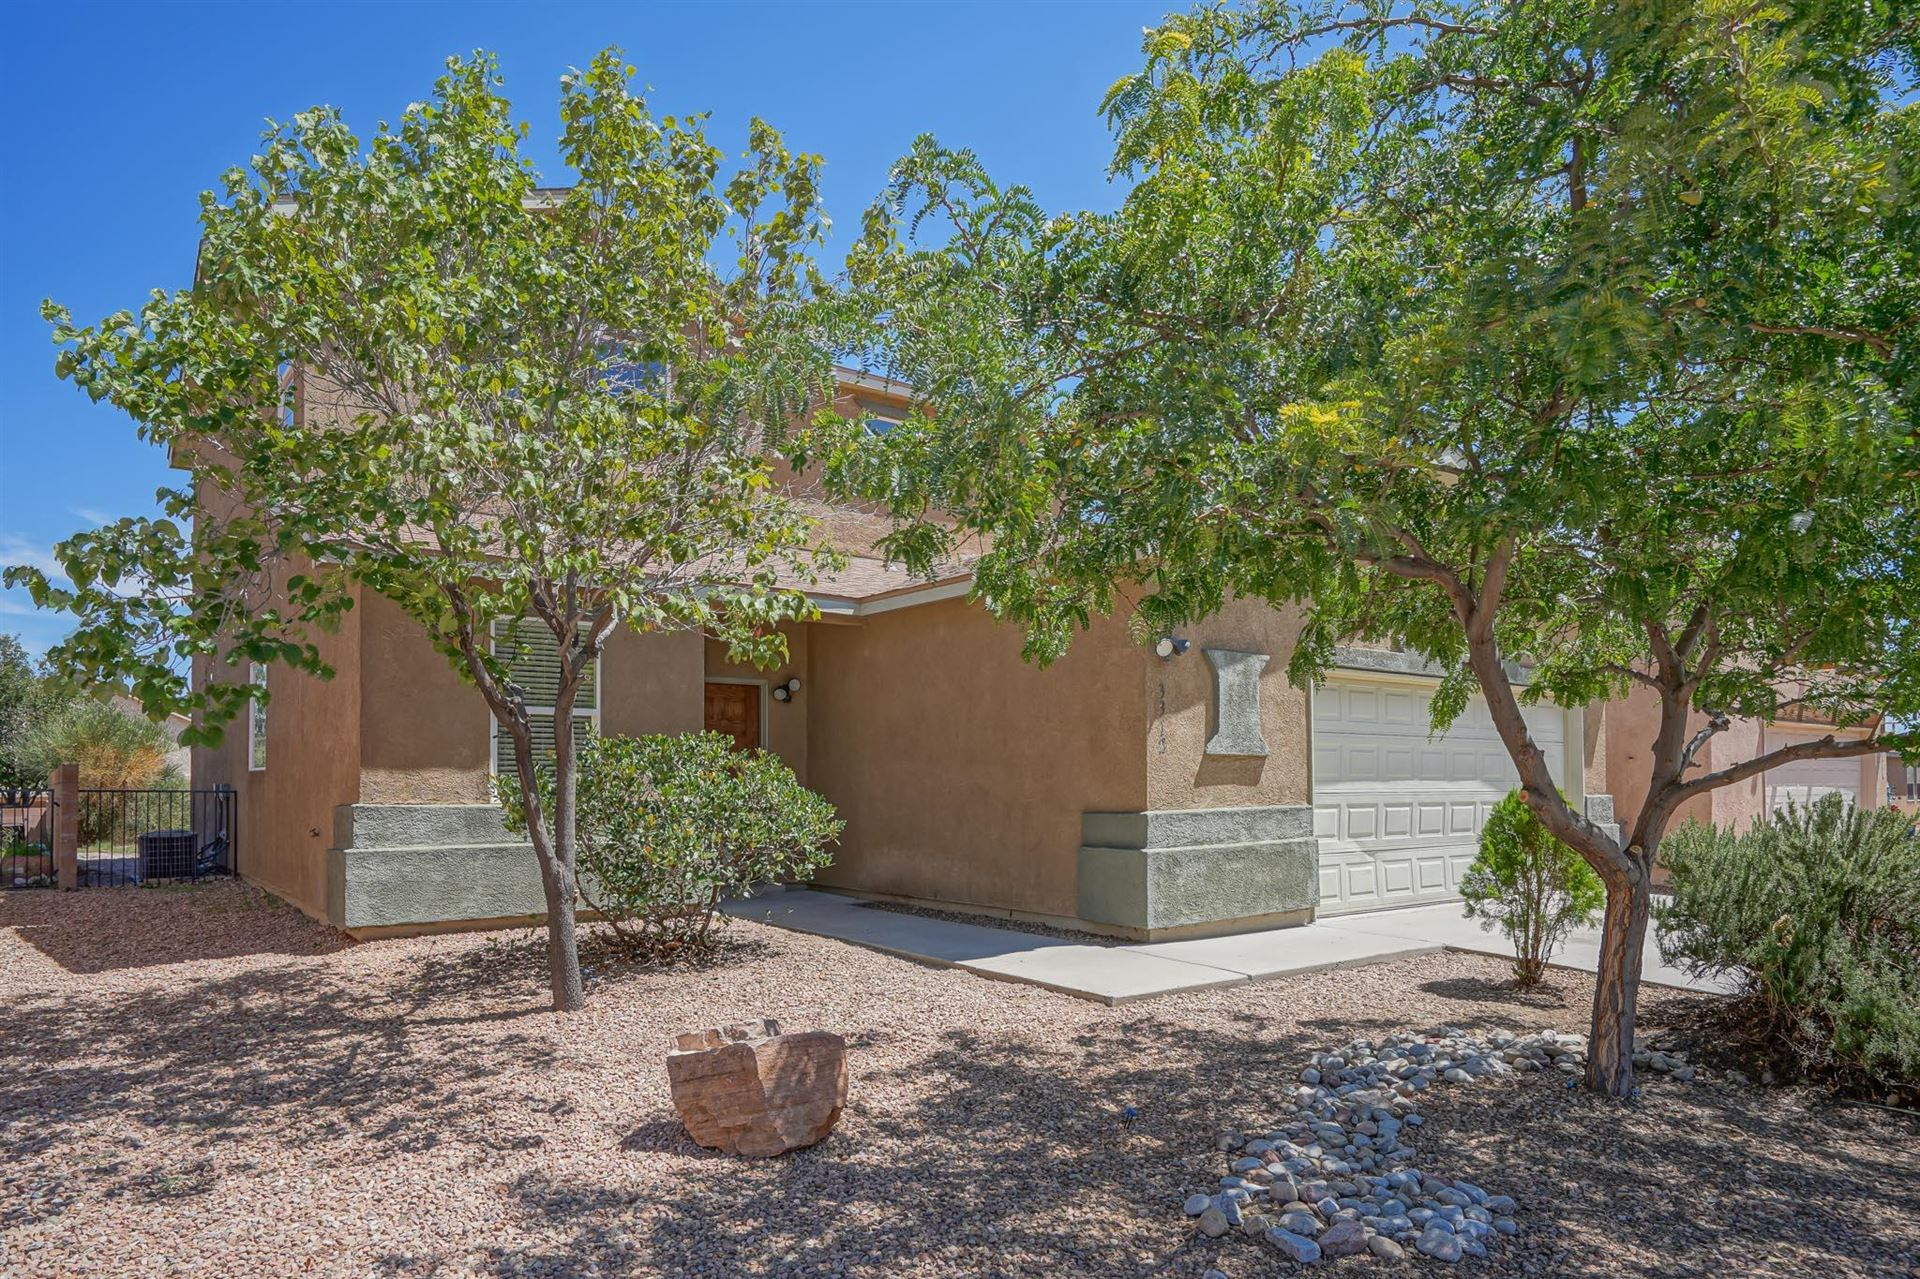 Photo of 3312 RIVULET Drive SW, Albuquerque, NM 87121 (MLS # 994611)